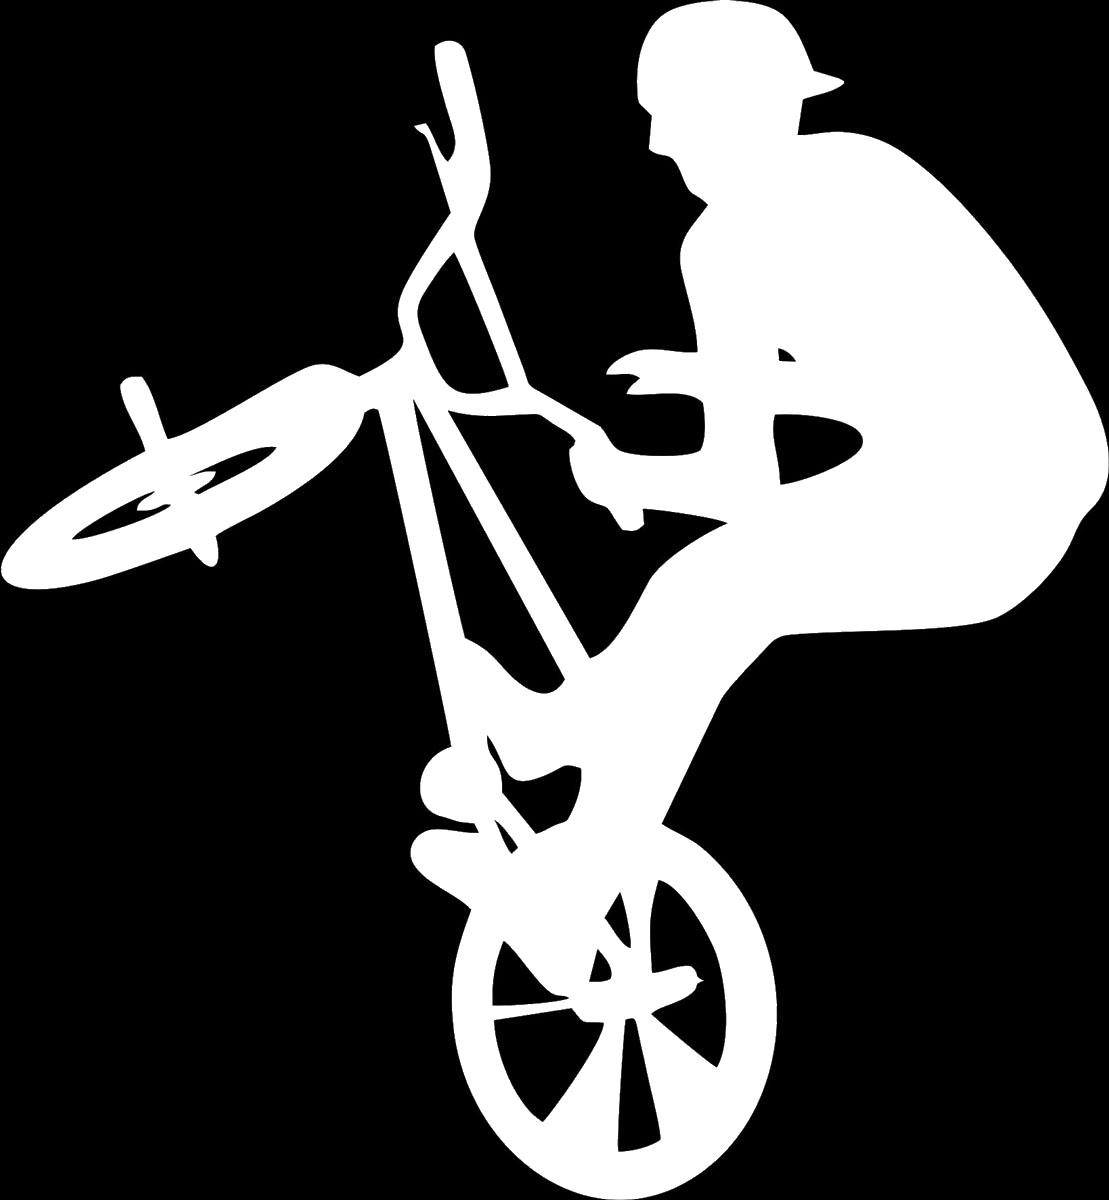 Наклейка автомобильная Оранжевый слоник Велосипедист, виниловая, цвет: белыйCA-3505Оригинальная наклейка Оранжевый слоник Велосипедист изготовлена из высококачественной виниловой пленки, которая выполняет не только декоративную функцию, но и защищает кузов автомобиля от небольших механических повреждений, либо скрывает уже существующие.Виниловые наклейки на автомобиль - это не только красиво, но еще и быстро! Всего за несколько минут вы можете полностью преобразить свой автомобиль, сделать его ярким, необычным, особенным и неповторимым!